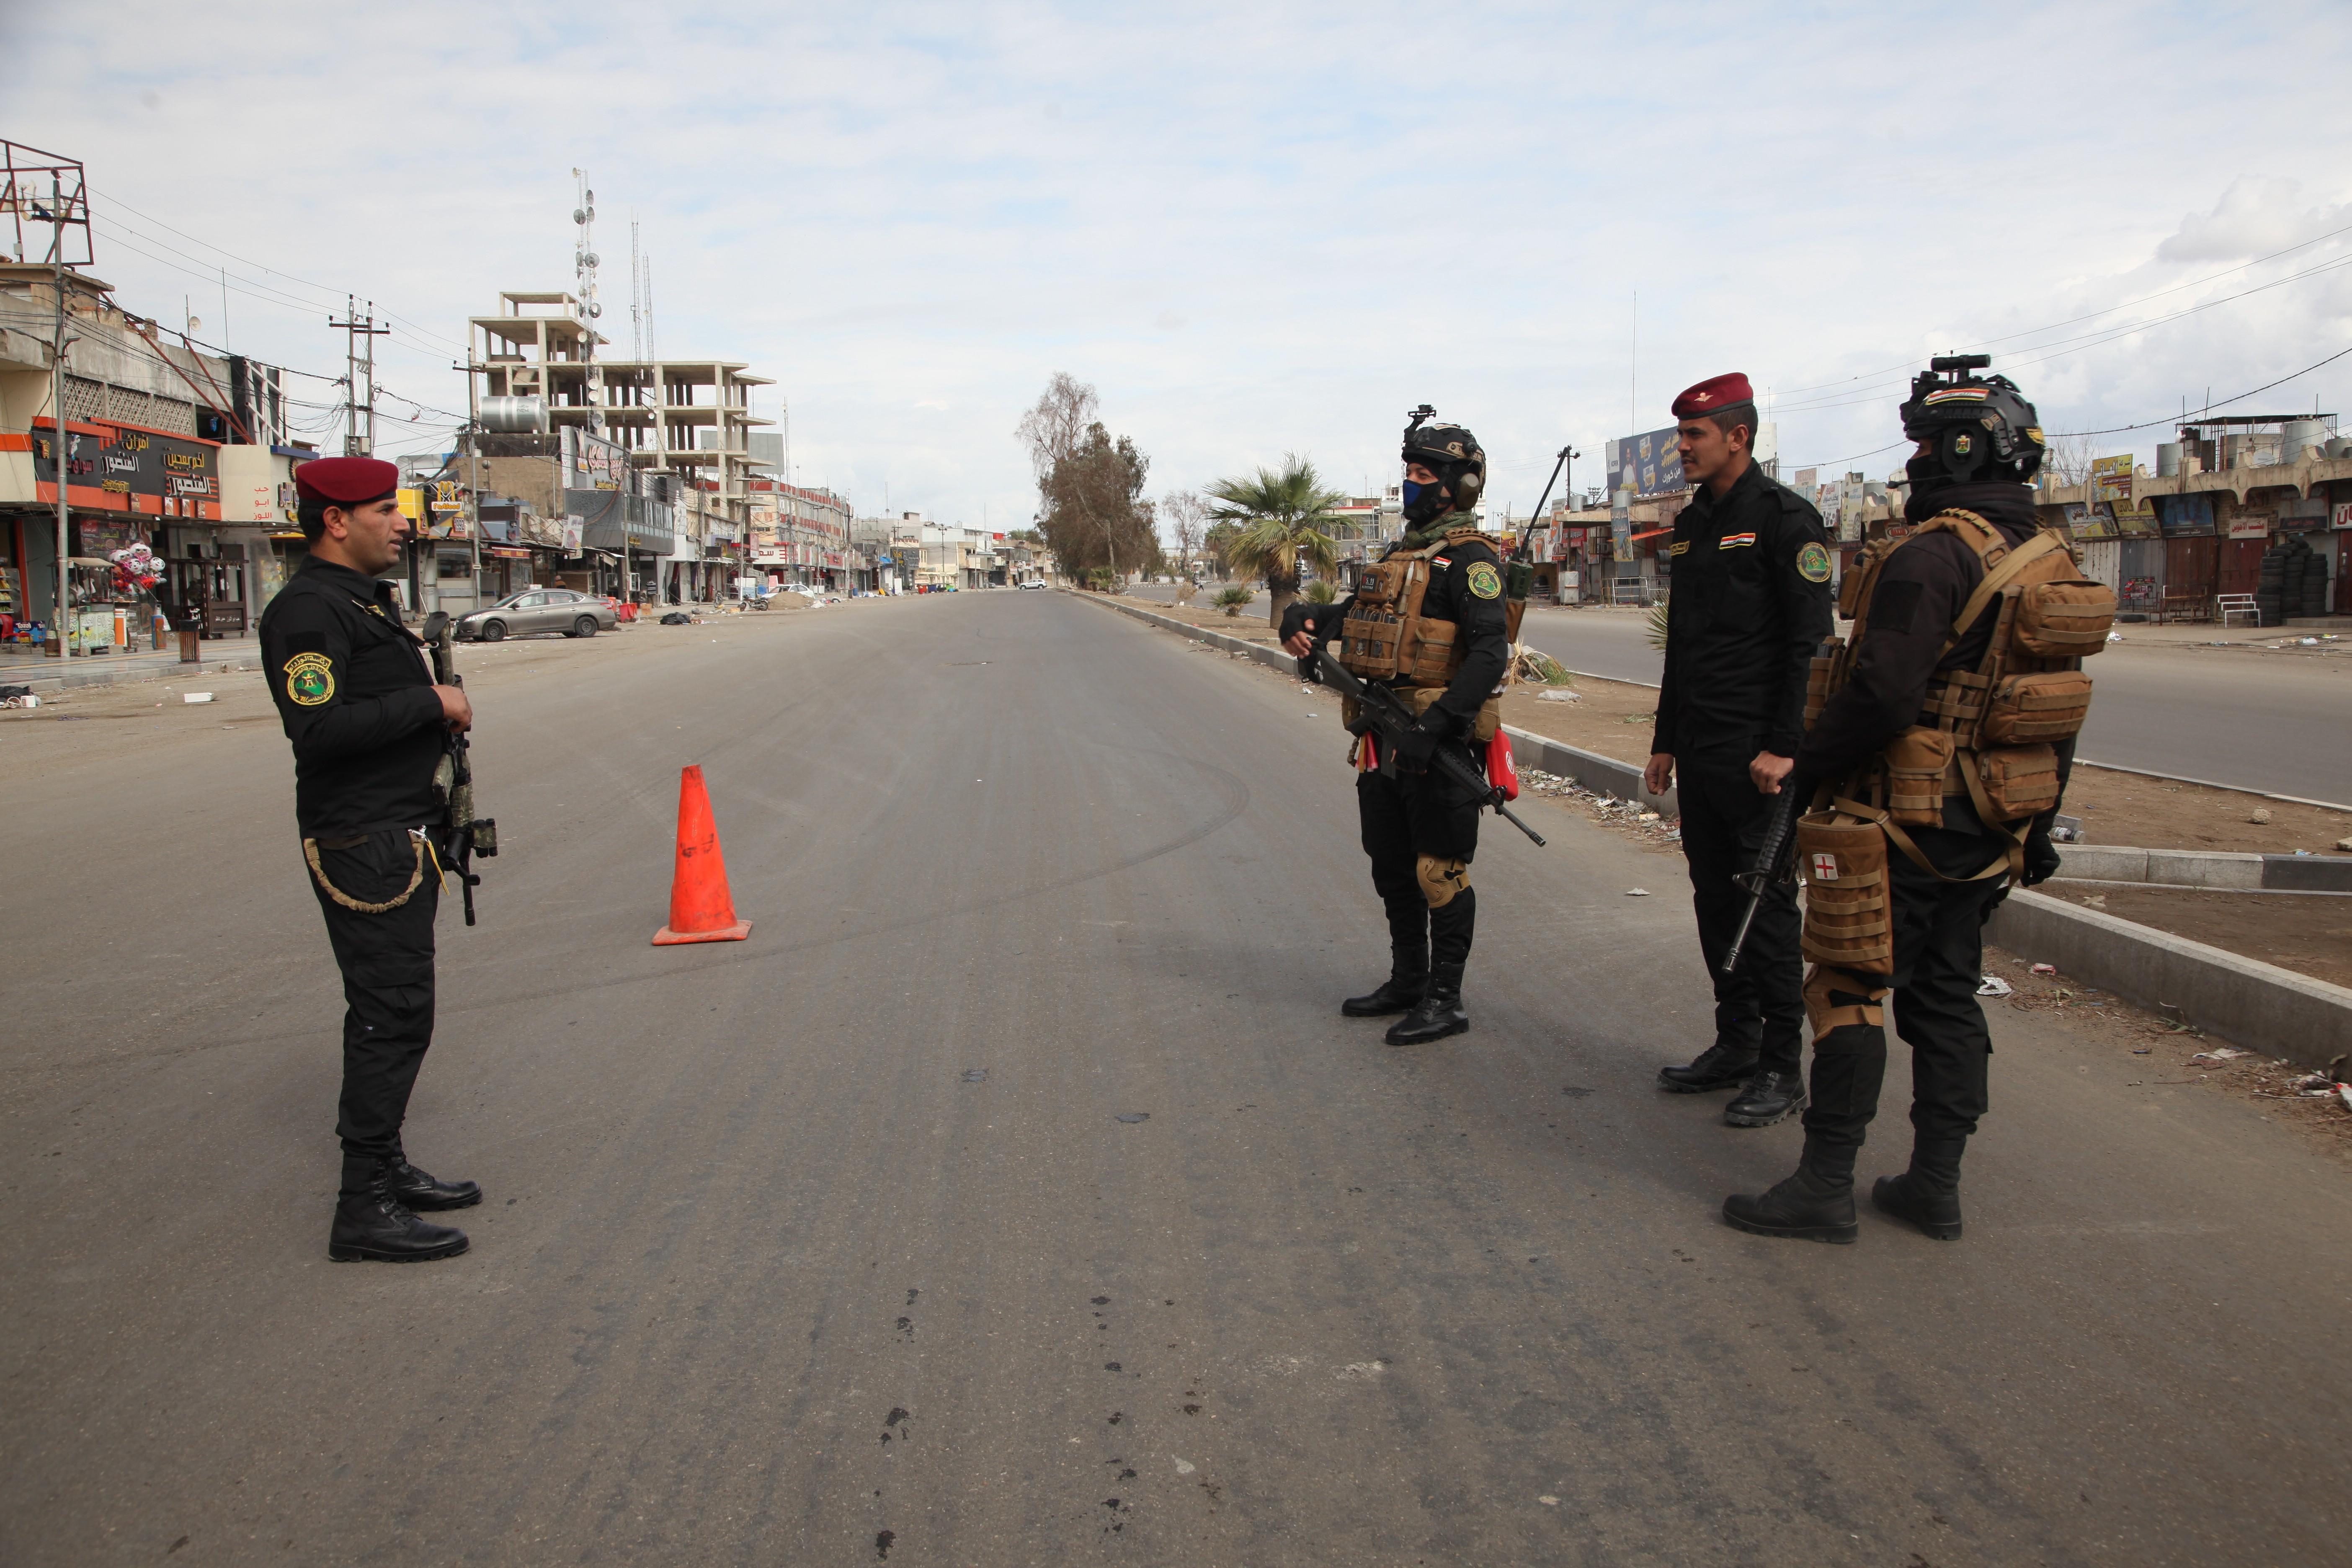 Irak'ta Covid-19 nedeniyle sokağa çıkma yasağı uygulanıyor